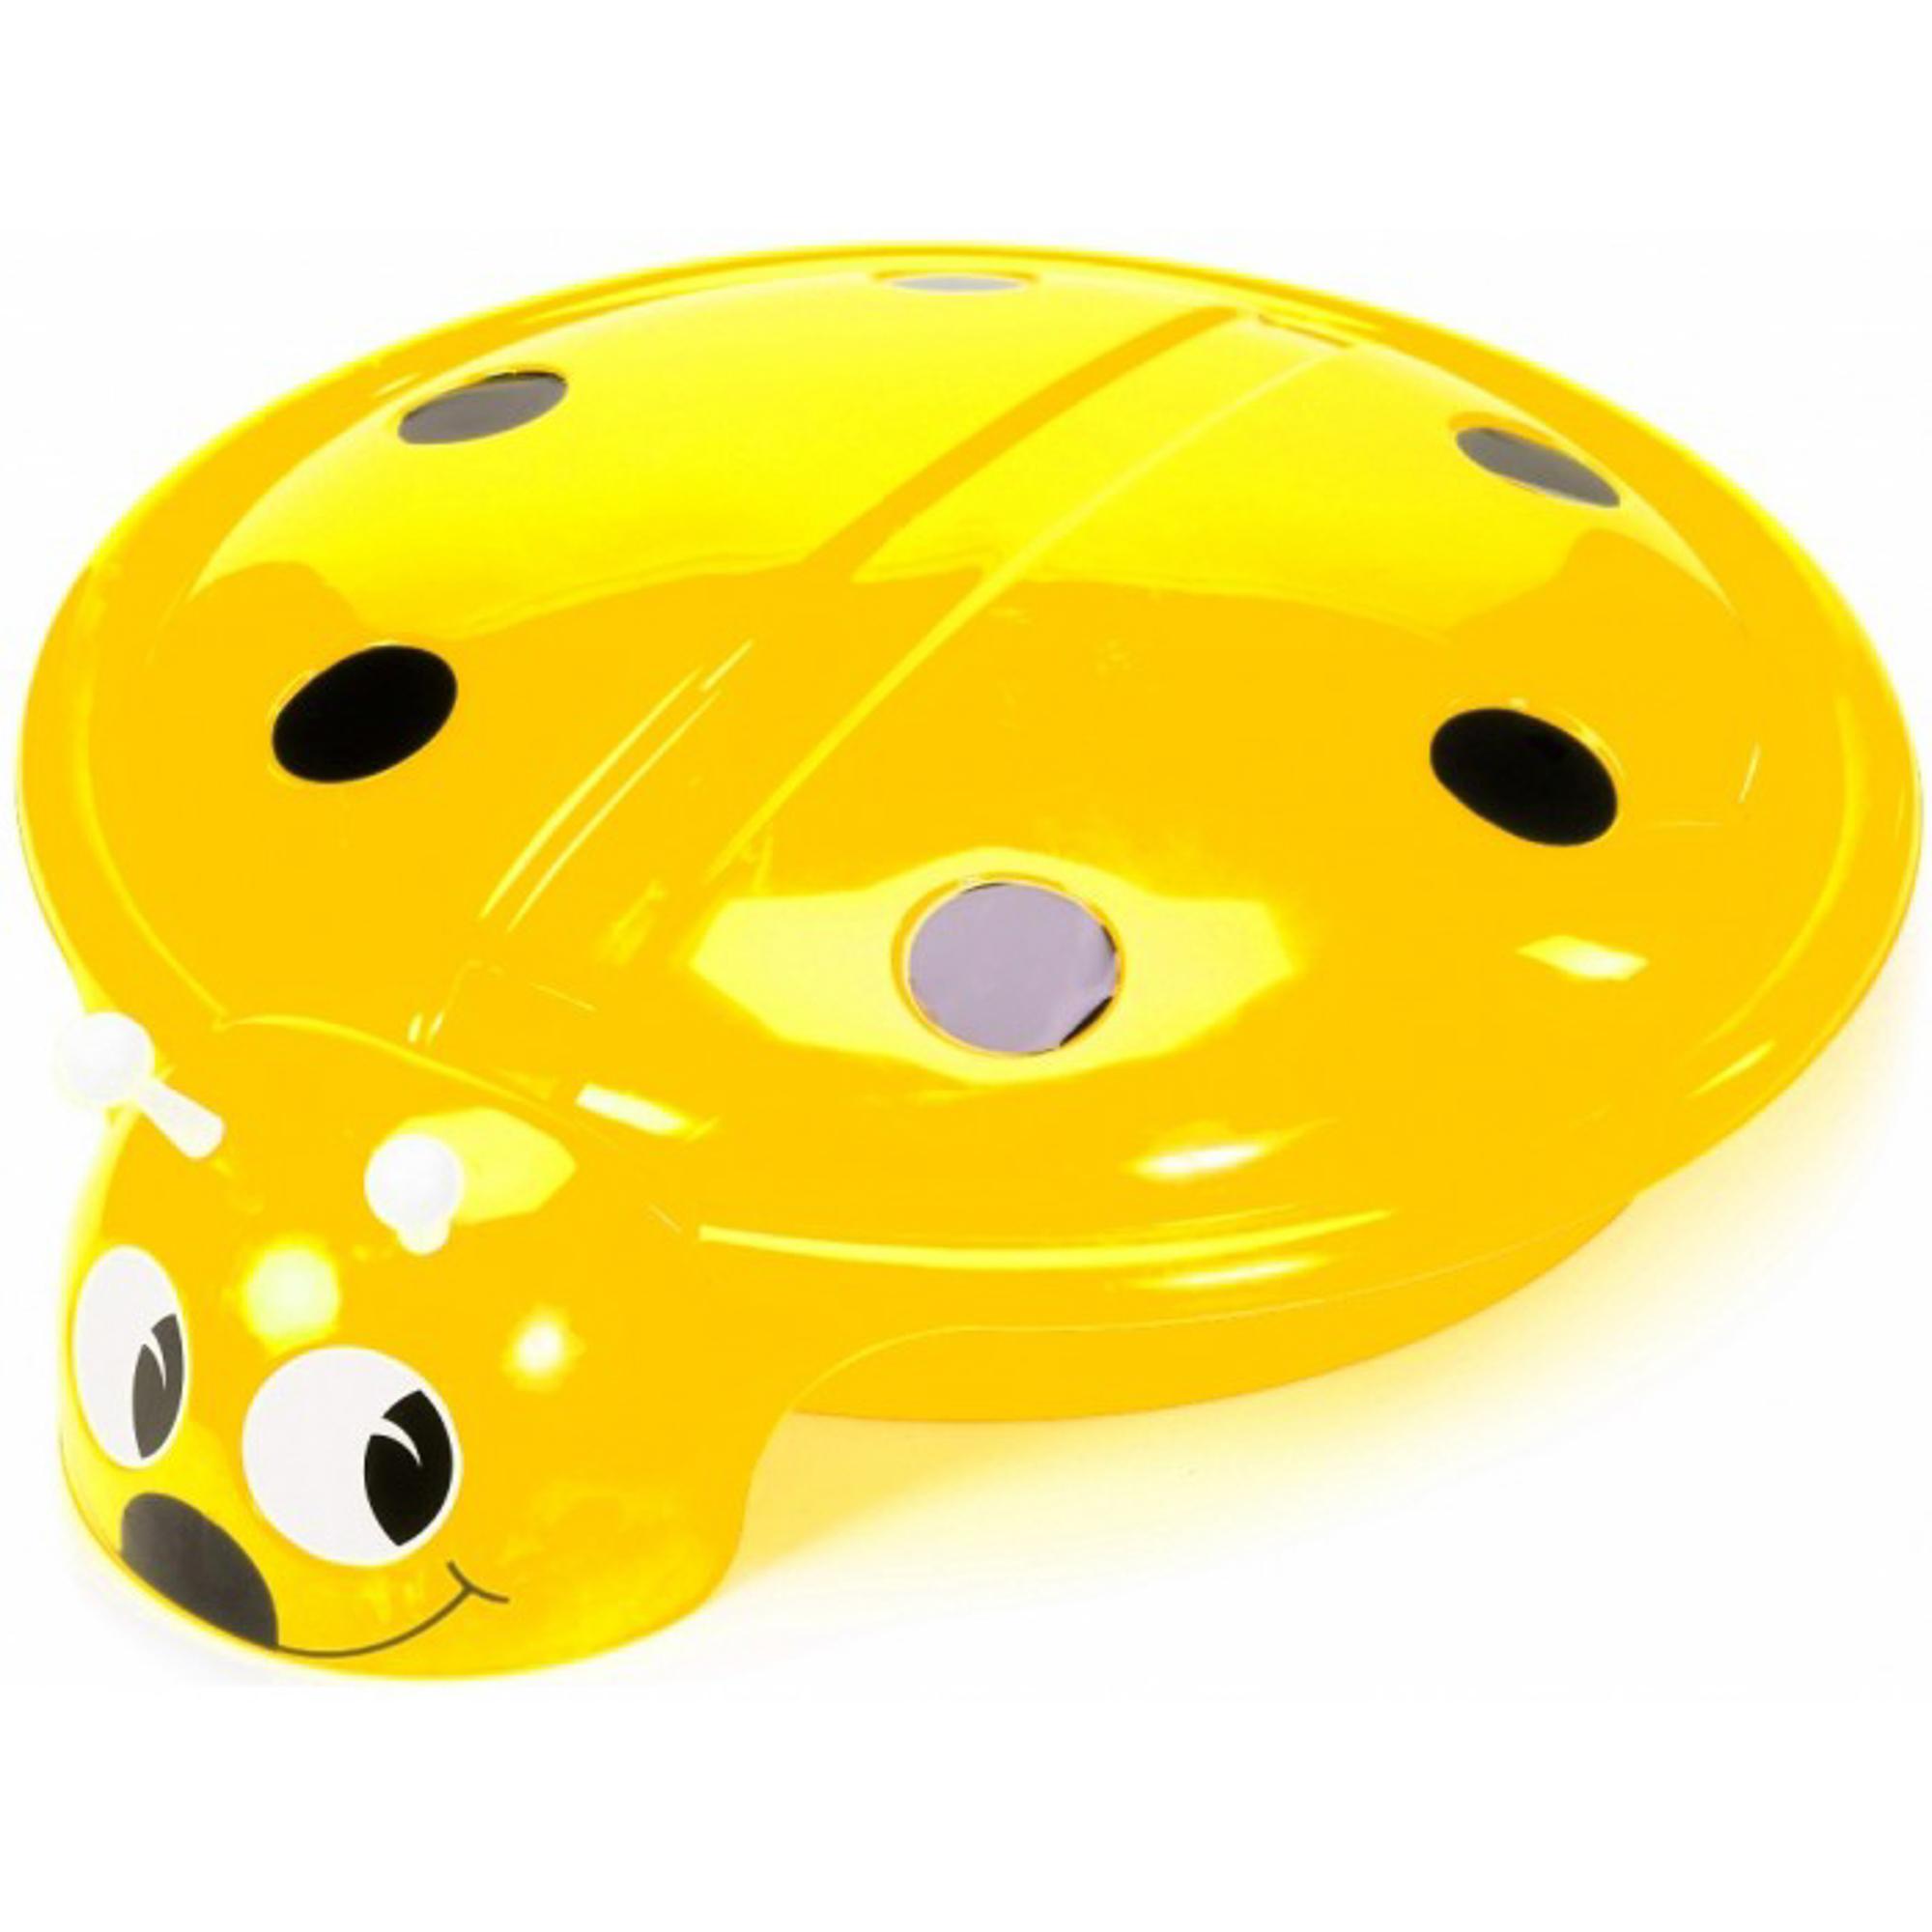 Фото - Песочница-бассейн Пластик божья коровка игрушки в песочницу нордпласт формочки божья коровка пчелка цветочек